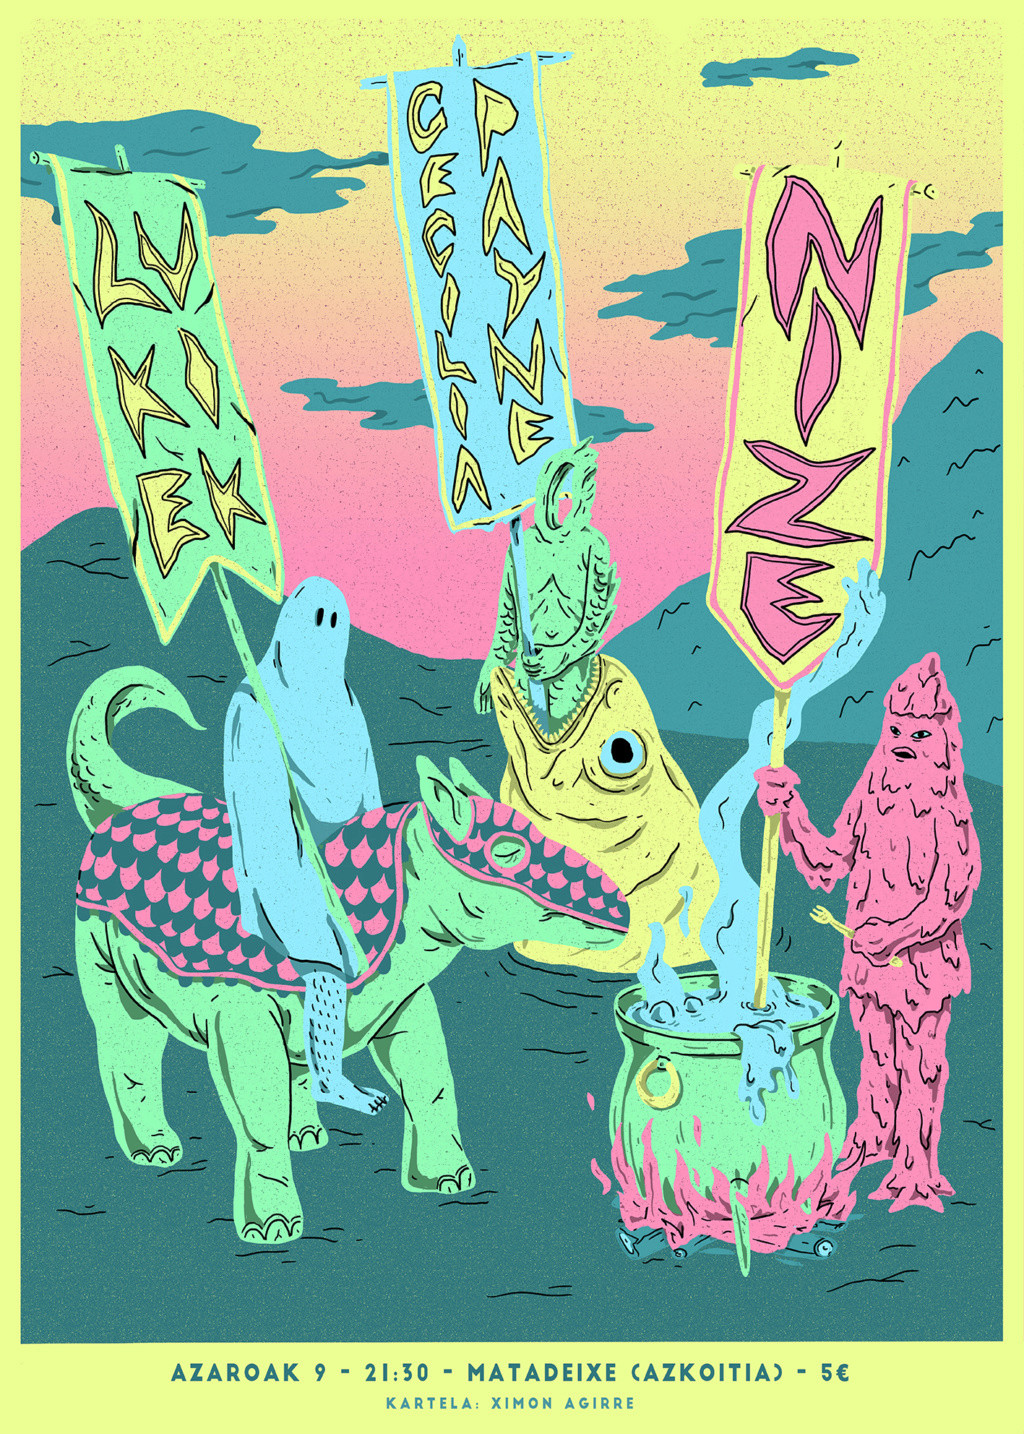 Agenda de giras, conciertos y festivales - Página 14 Poster10